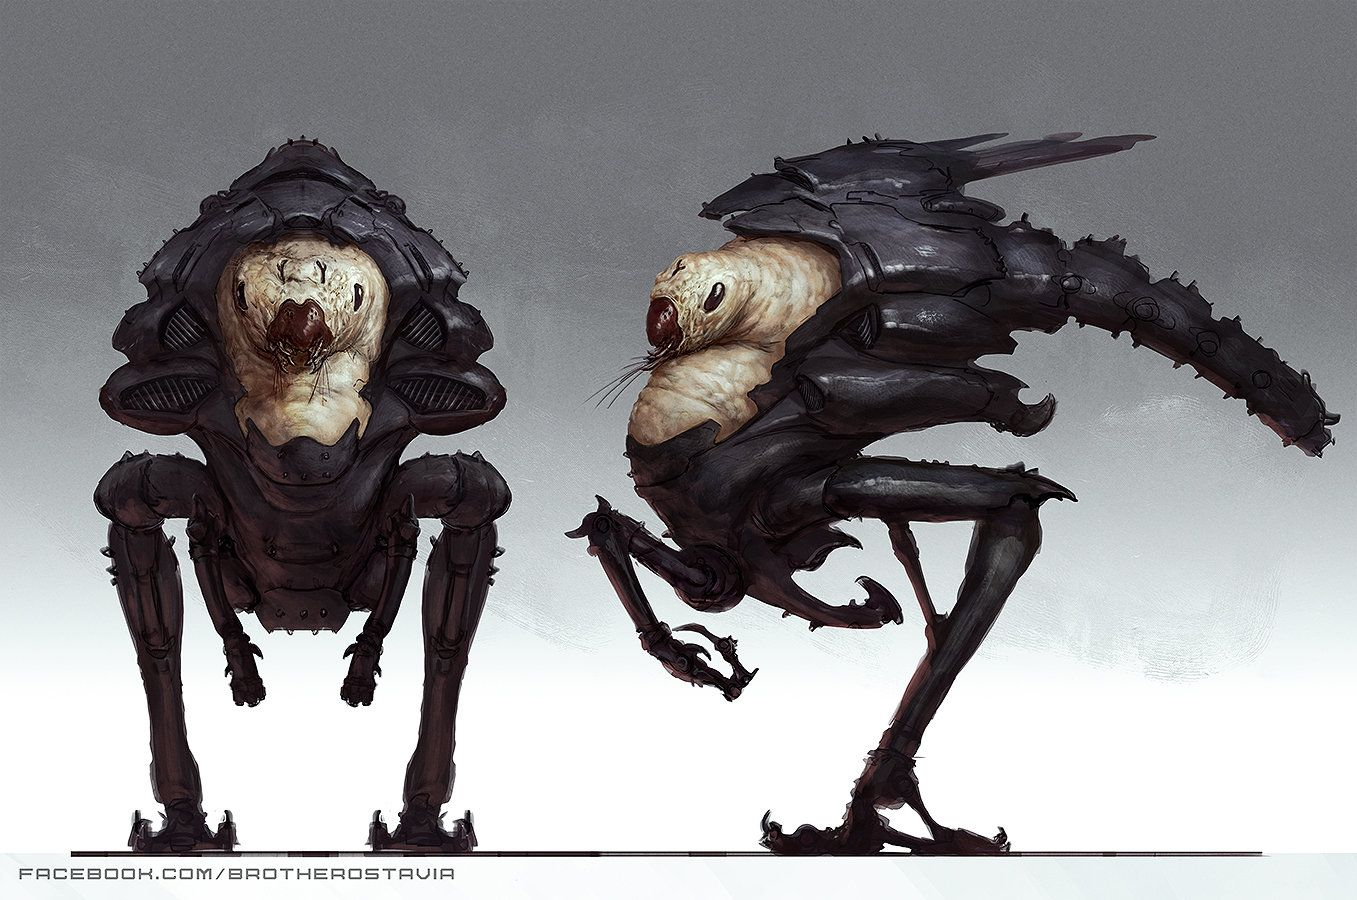 Bugged alien, Jonathan Gonzalez on ArtStation at http://www.artstation.com/artwork/bugged-alien